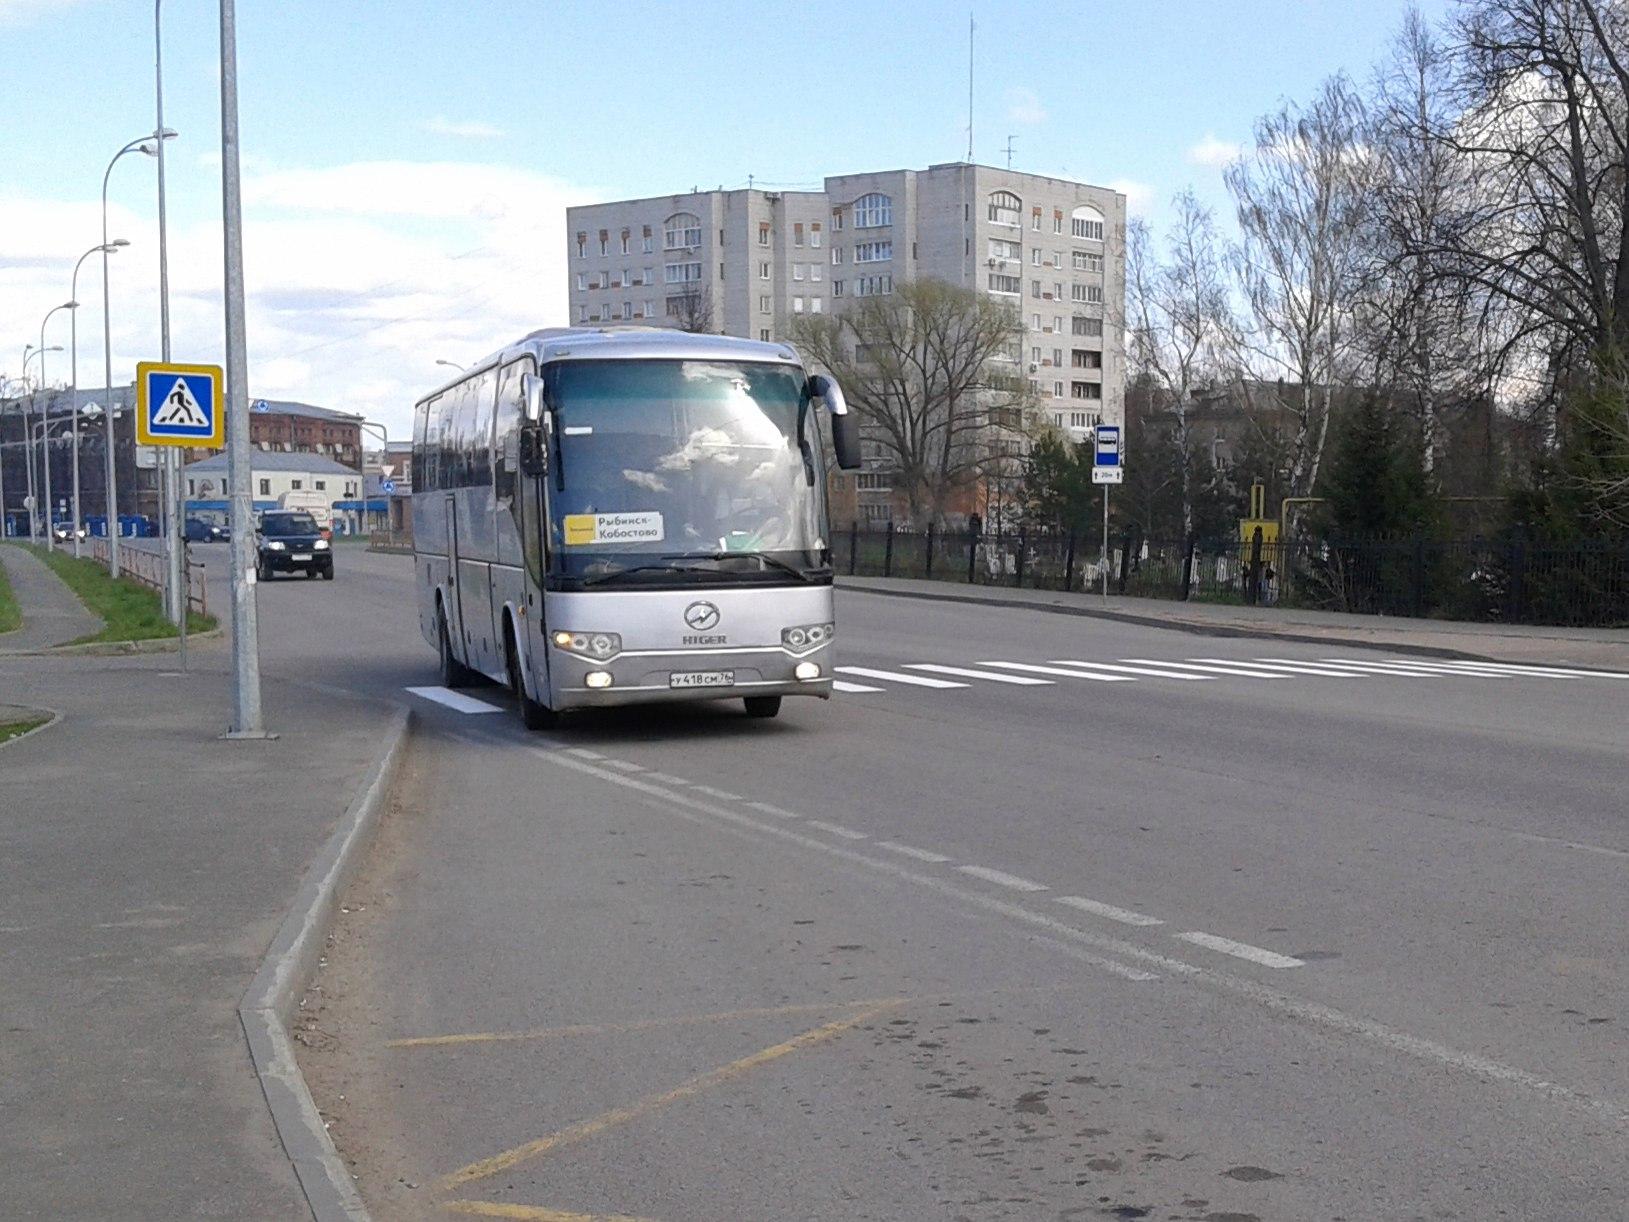 Автобус до Кобостово (ч/з Высоко)..